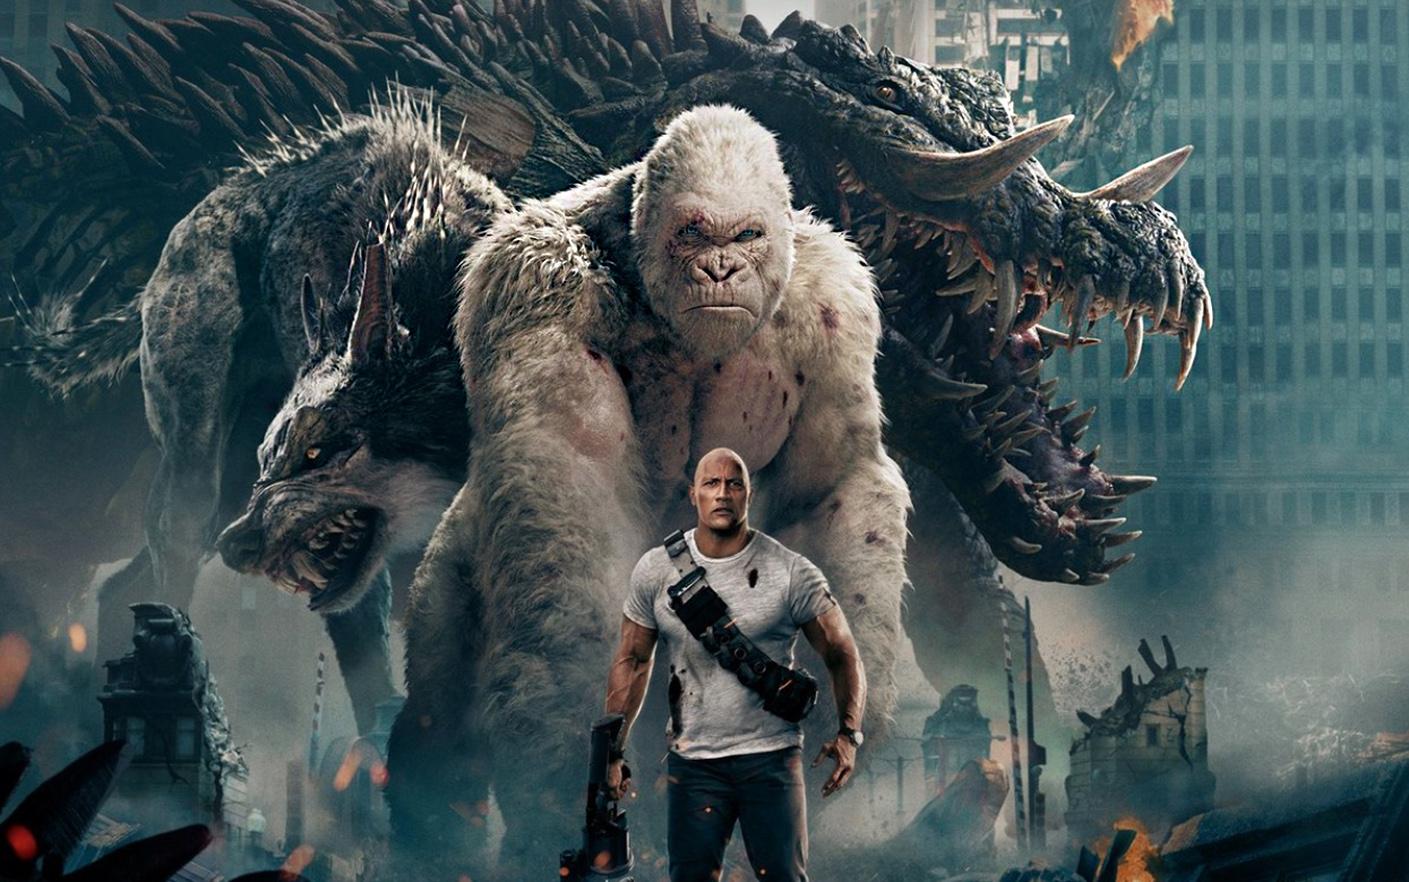 بررسی فیلم Rampage: فیلمی سرگرمکننده برای تماشا در یک روز تعطیل